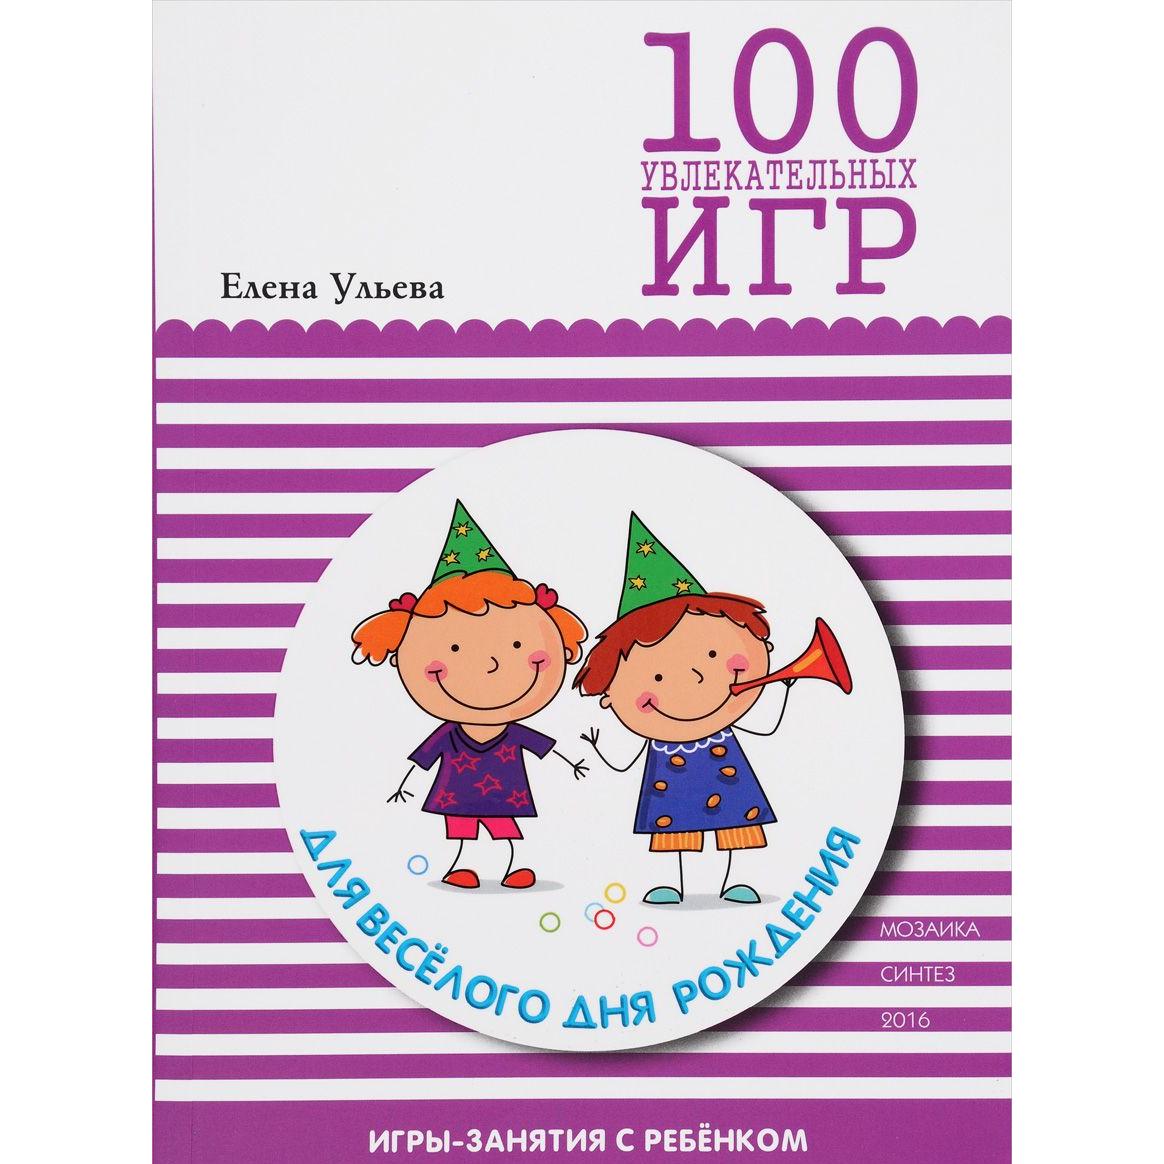 Книга - 100 увлекательных игр для веселого дня рожденияЗадания, головоломки, книги с наклейками<br>Книга - 100 увлекательных игр для веселого дня рождения<br>